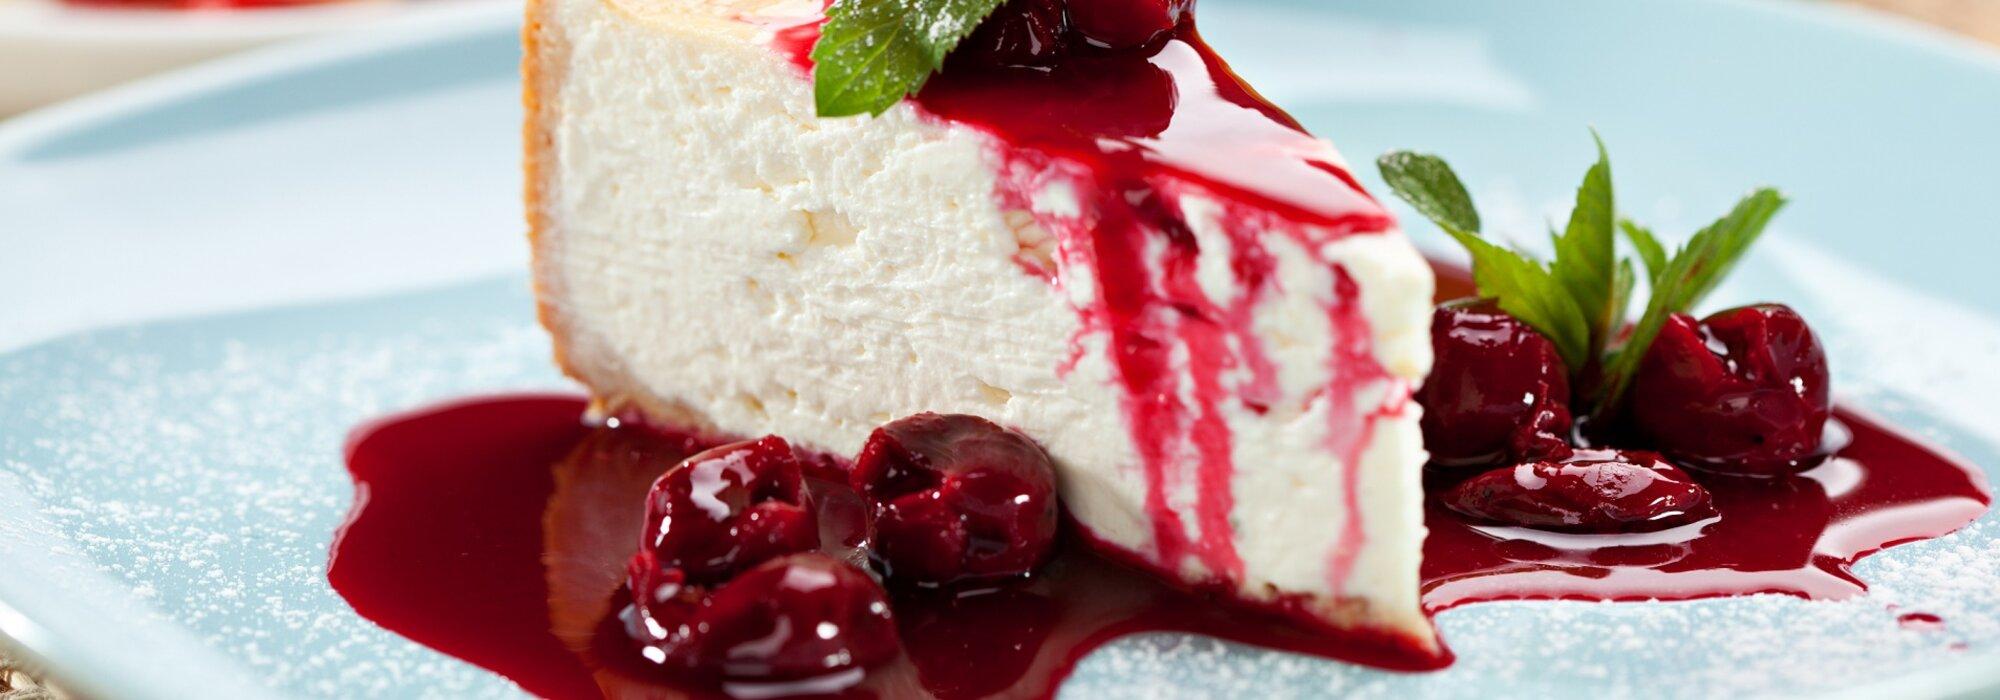 Koolhydraatarme cheesecake met rood fruit